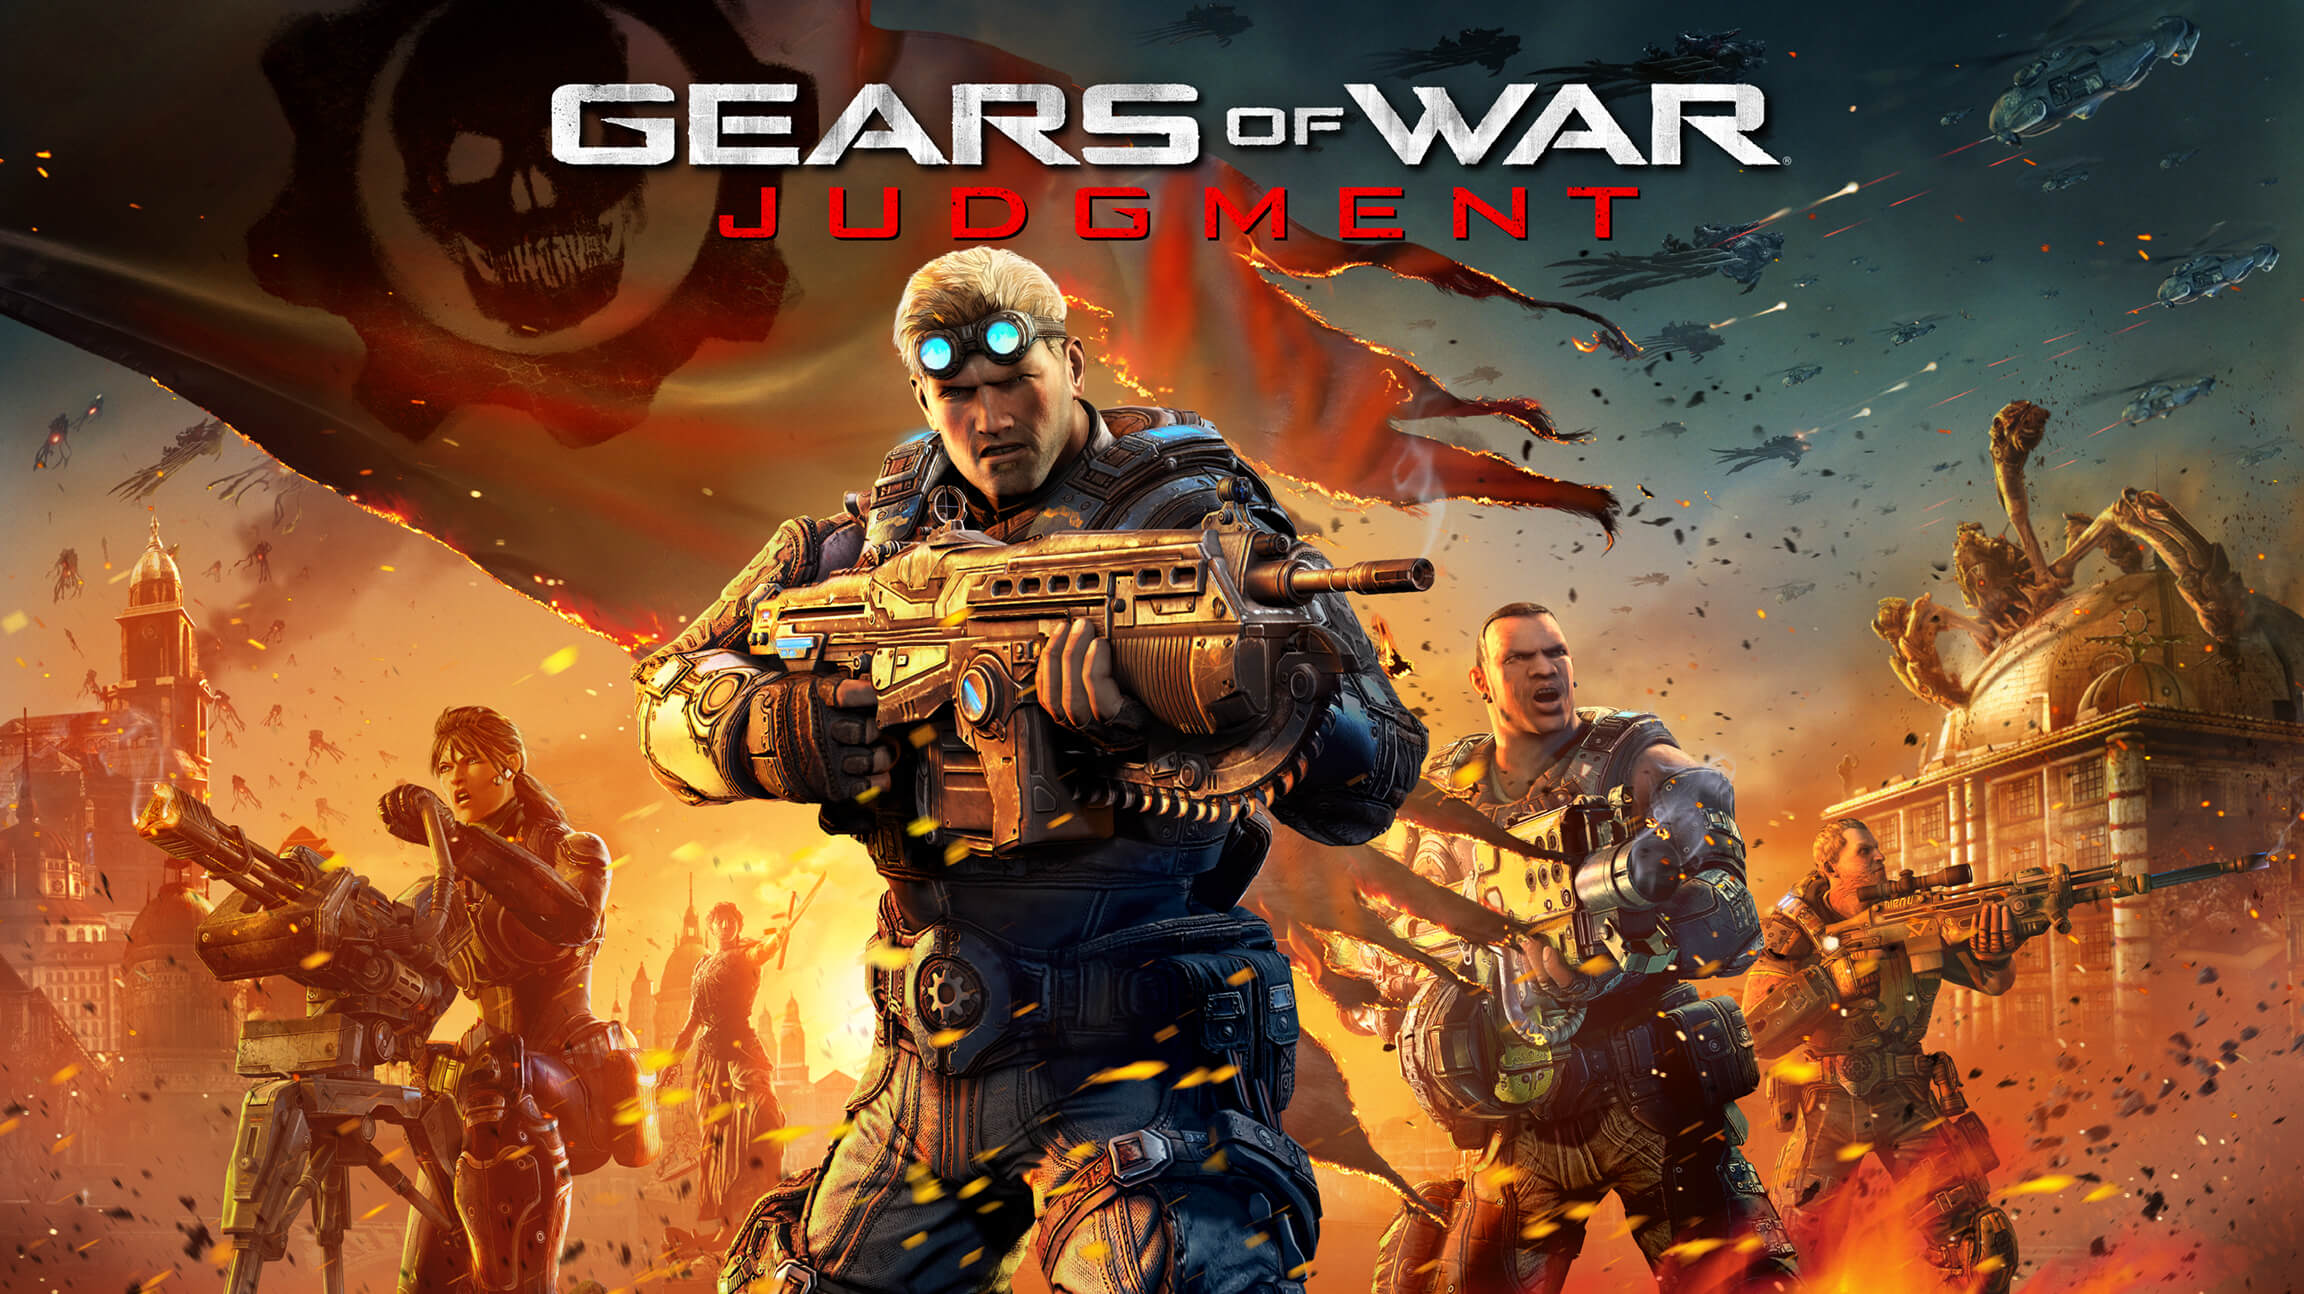 Spike VGAs 2012: 'Gears of War: Judgment' Trailer